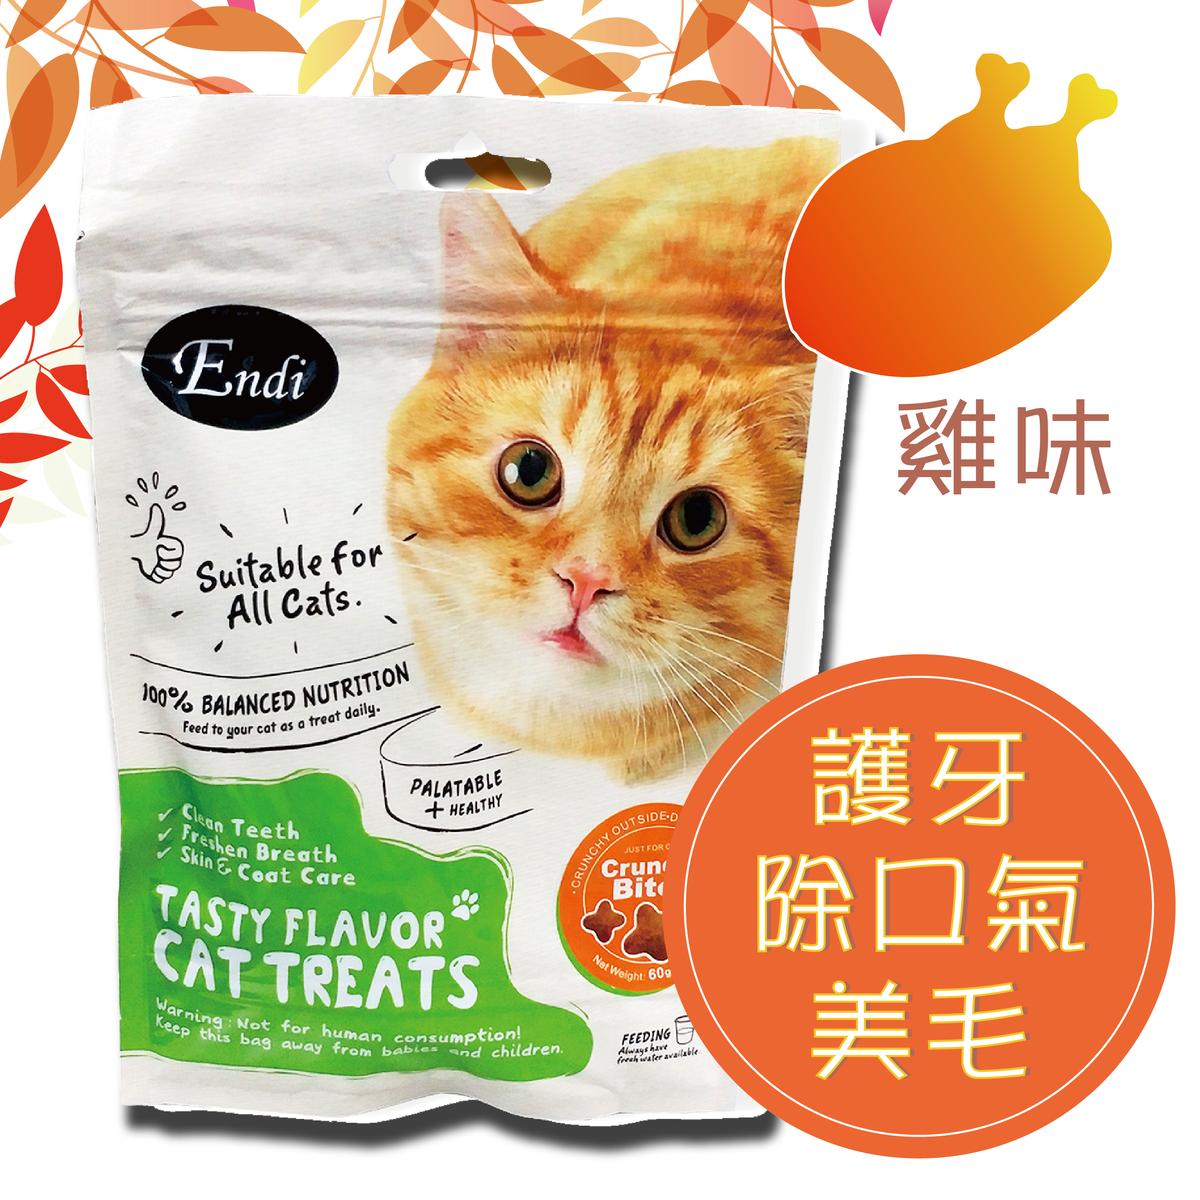 潔齒美毛健康貓小食 60g -雞肉味 (ENDI-1857)